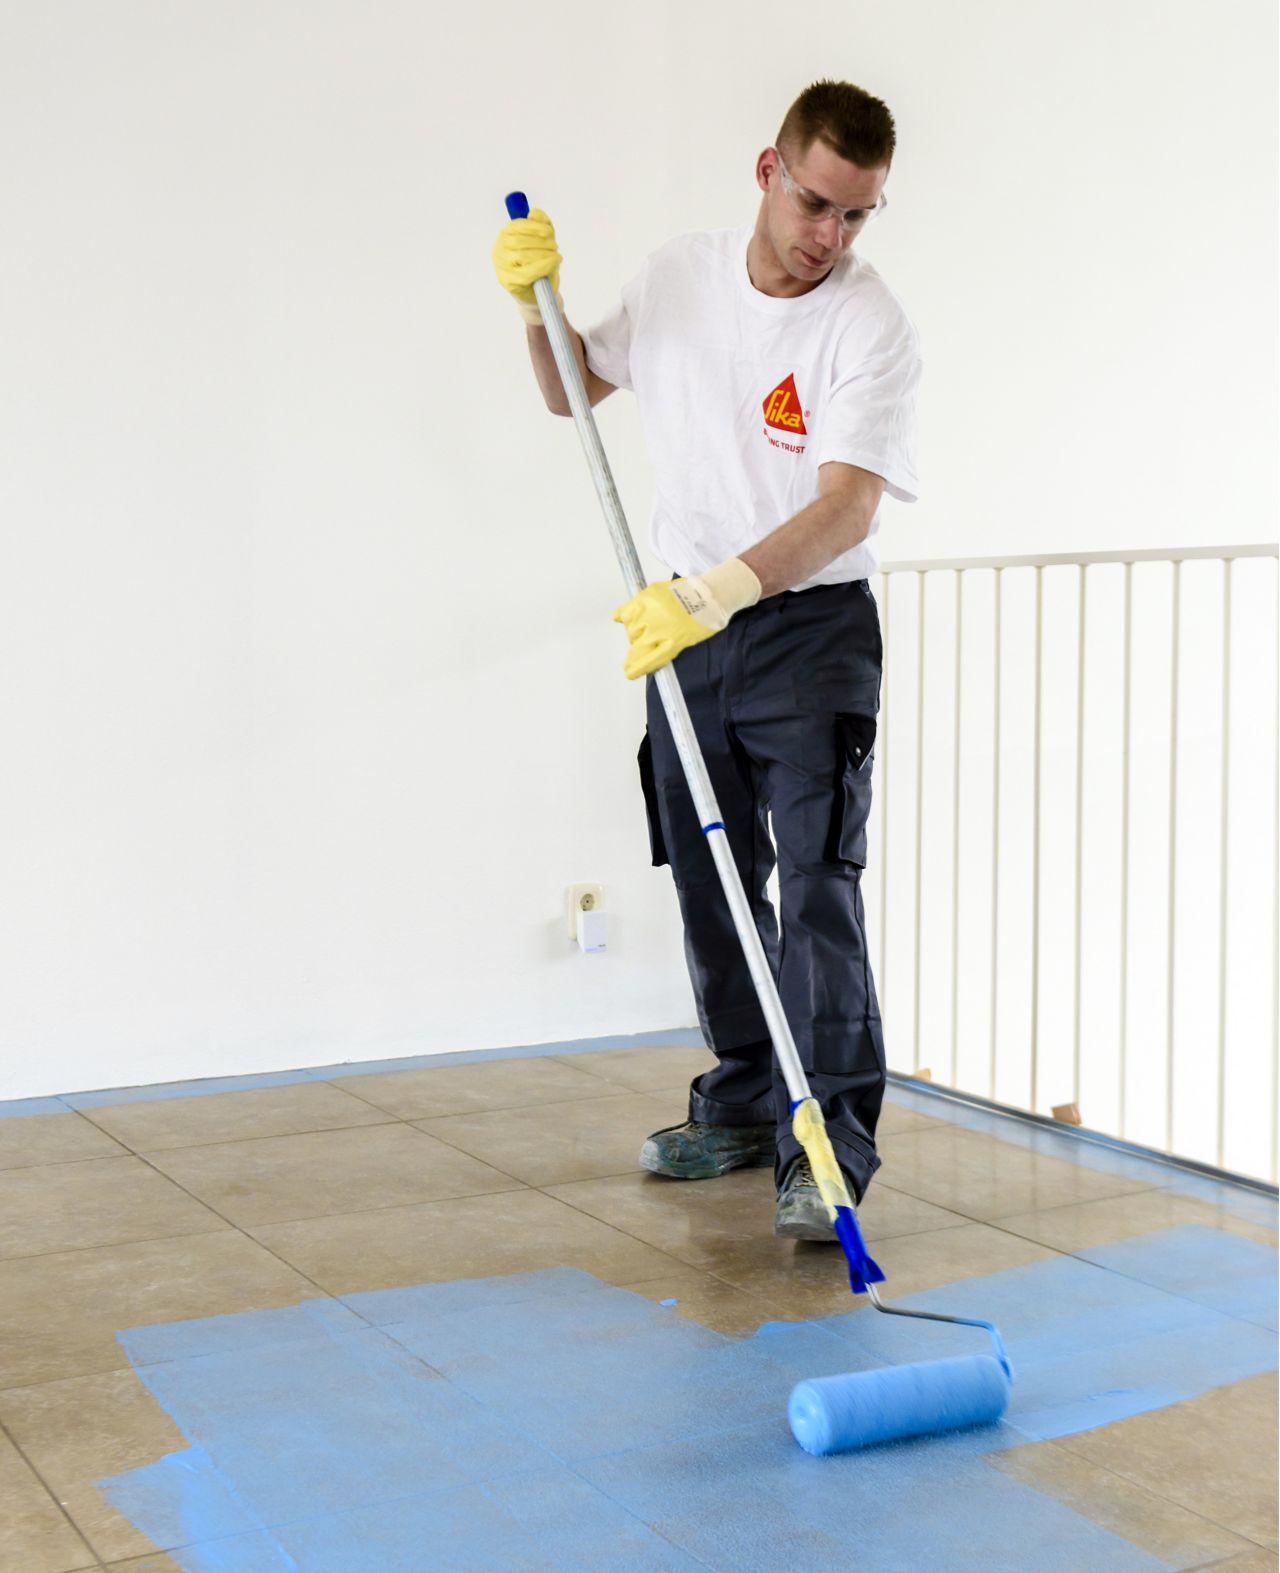 Sika applicator applying blue primer coat to floor tiles